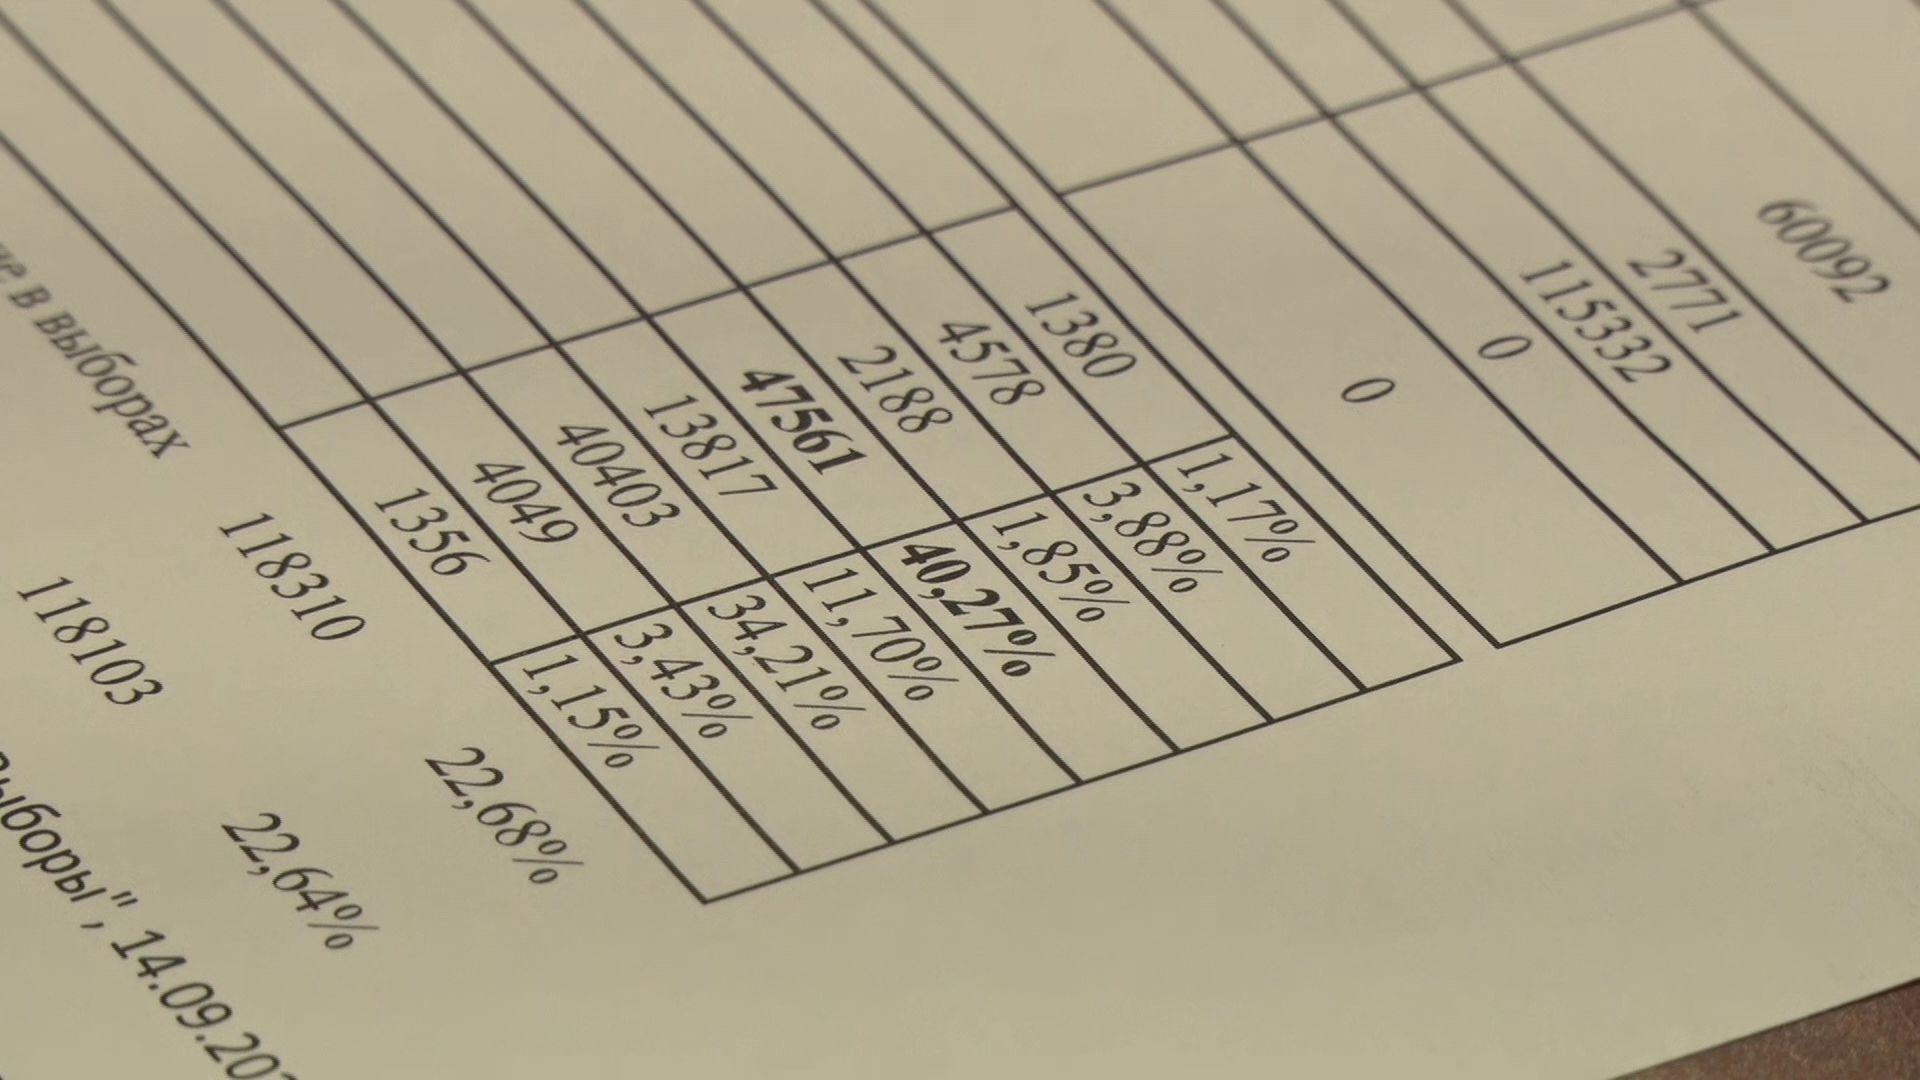 Ни один из участников выборной гонки не набрал менее одного процента голосов